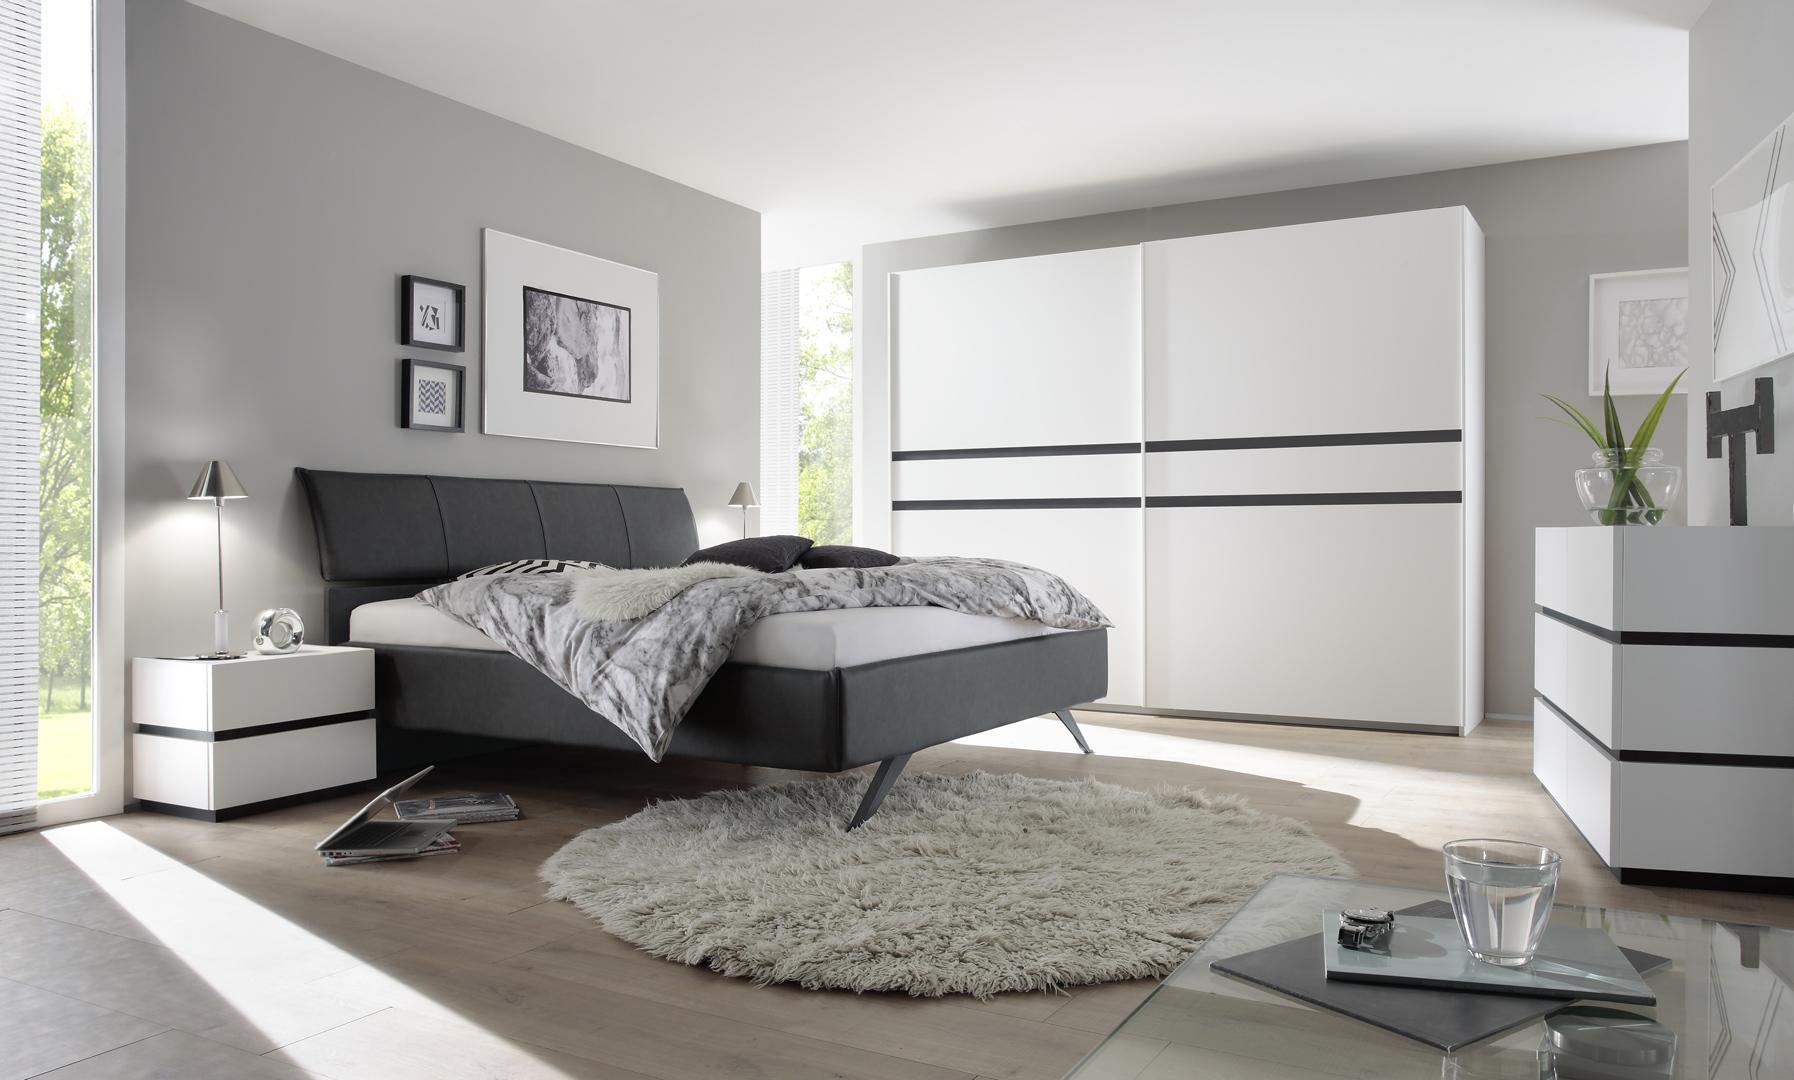 Chambre Adulte Design Blanc Mat/gris Foncé Bizance